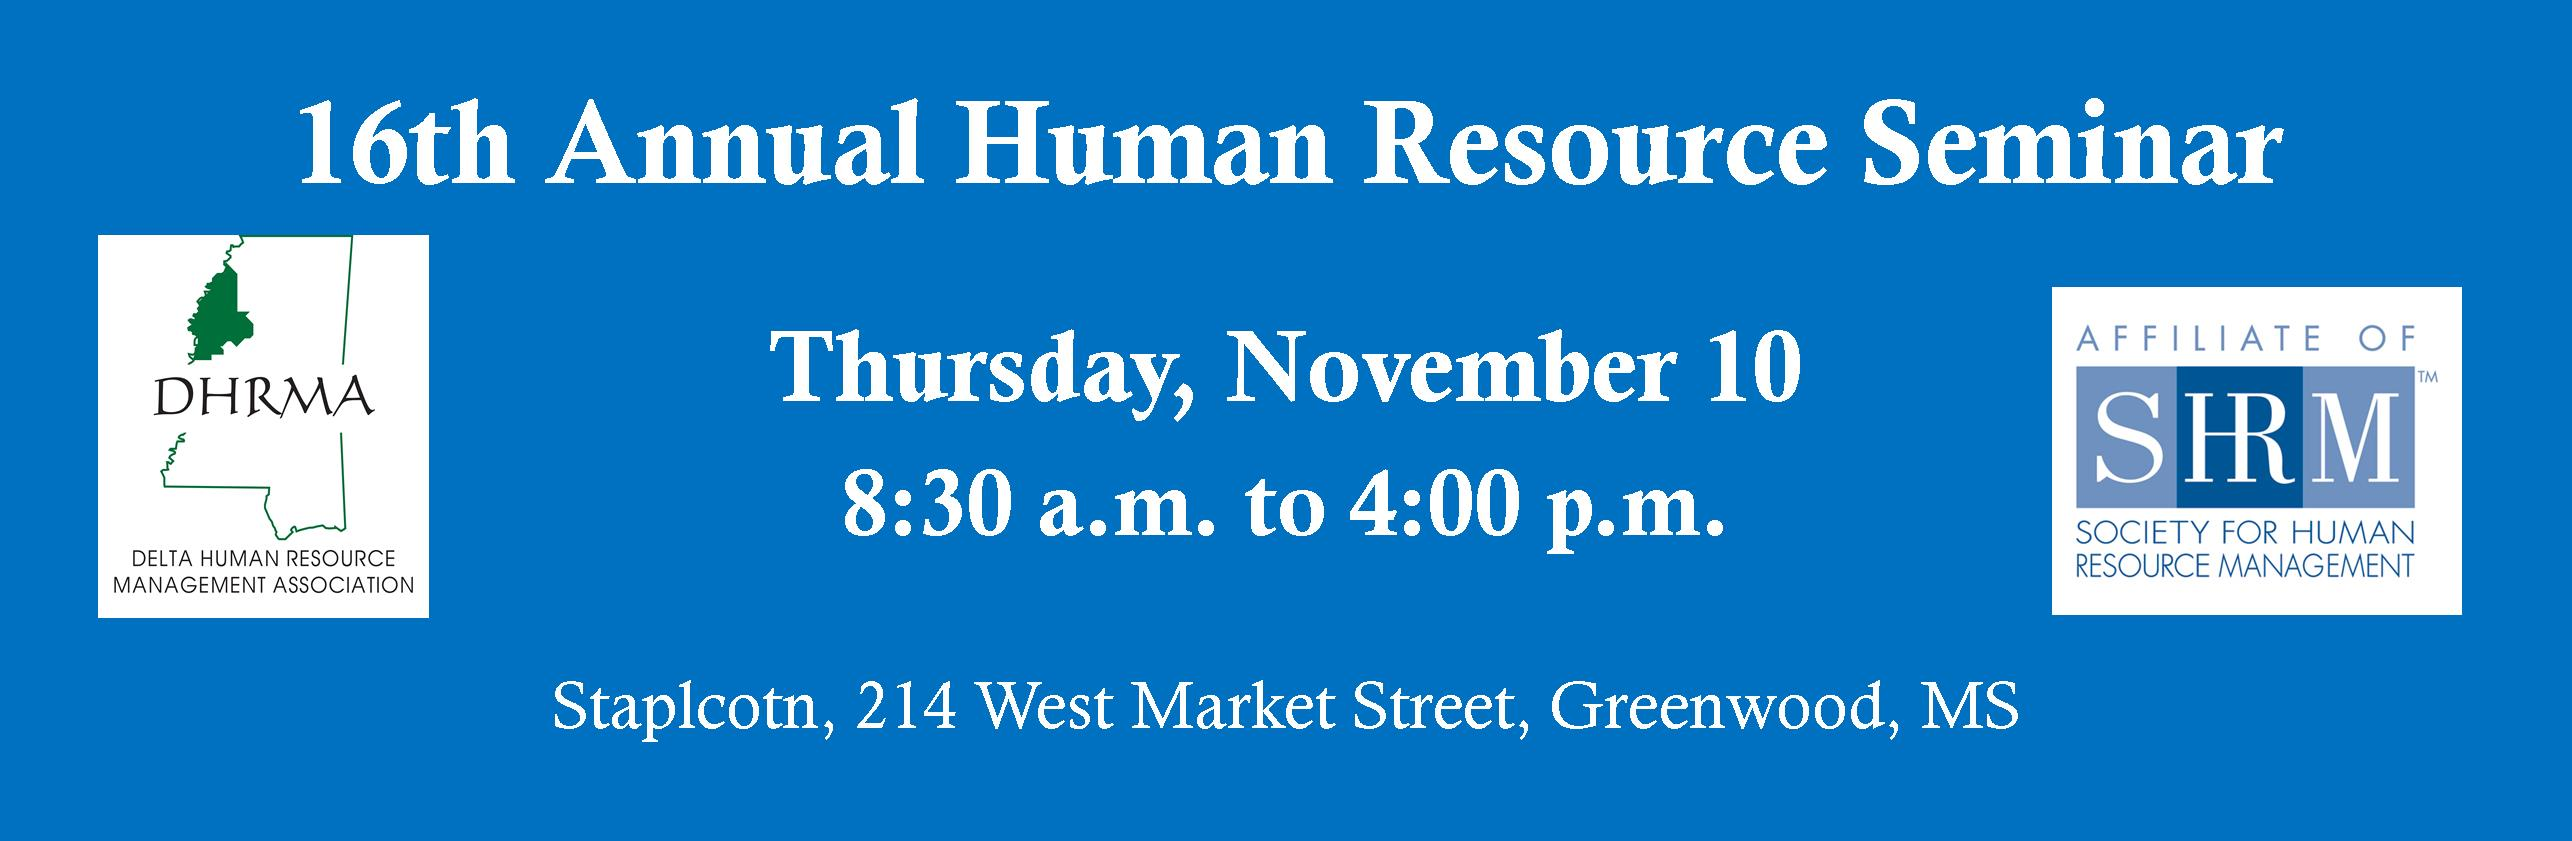 16th Annual Human Resource Seminar